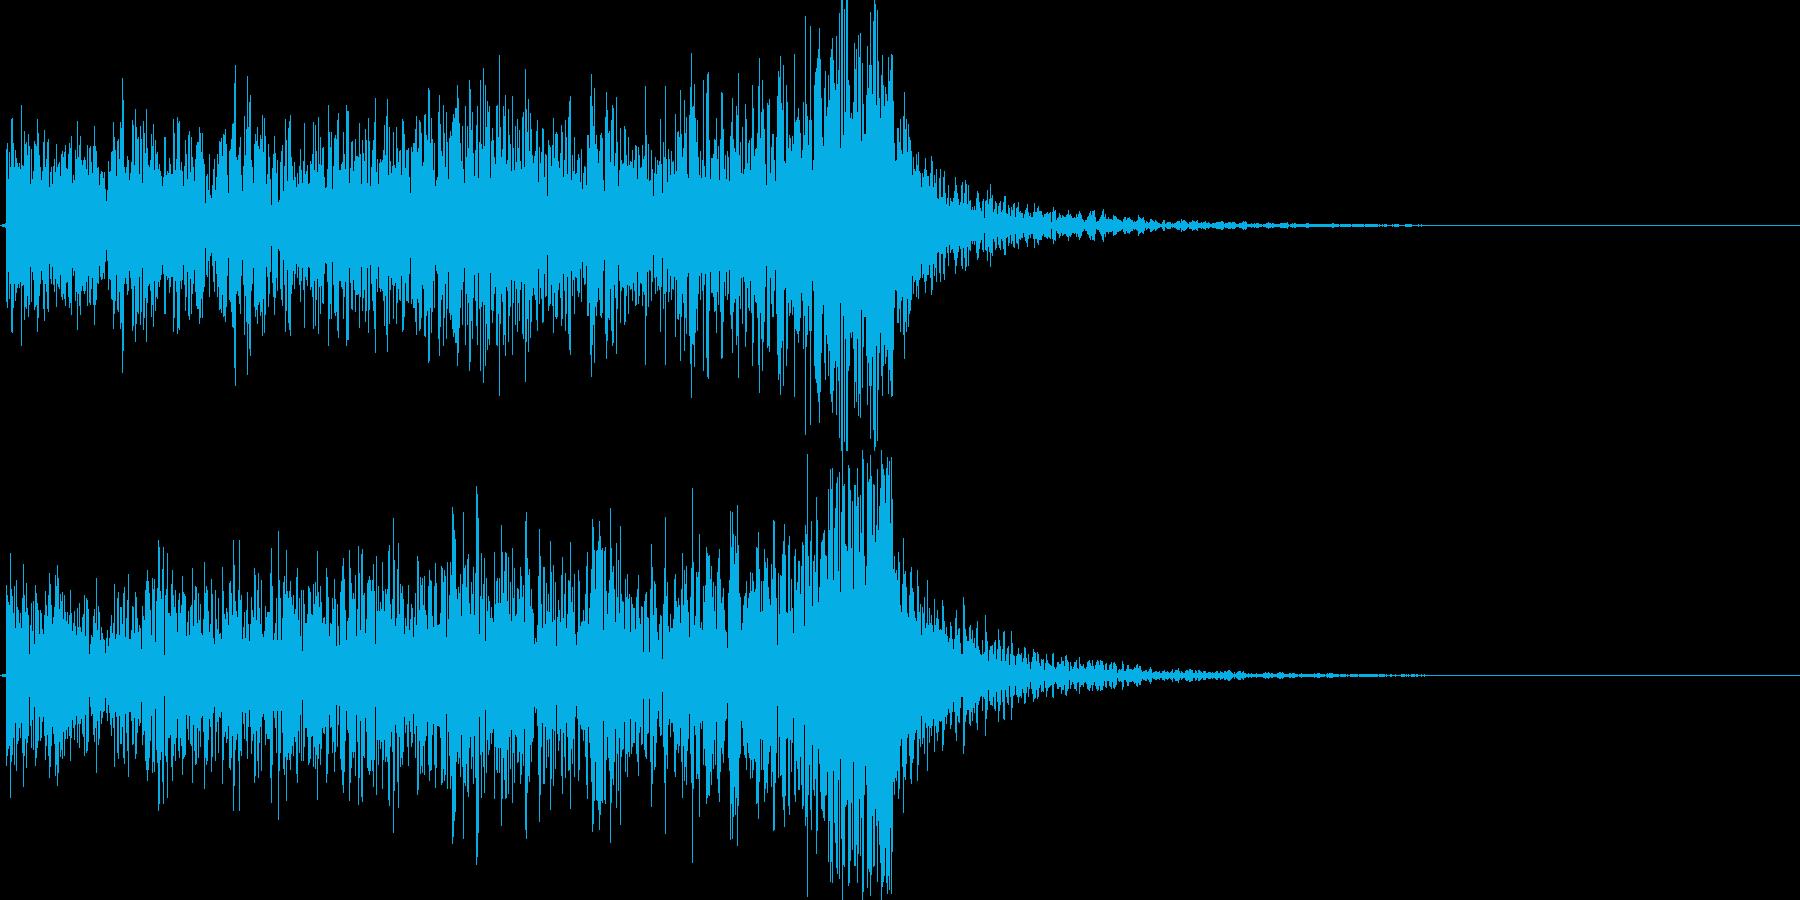 かっこいいドラミングのアイキャッチの再生済みの波形